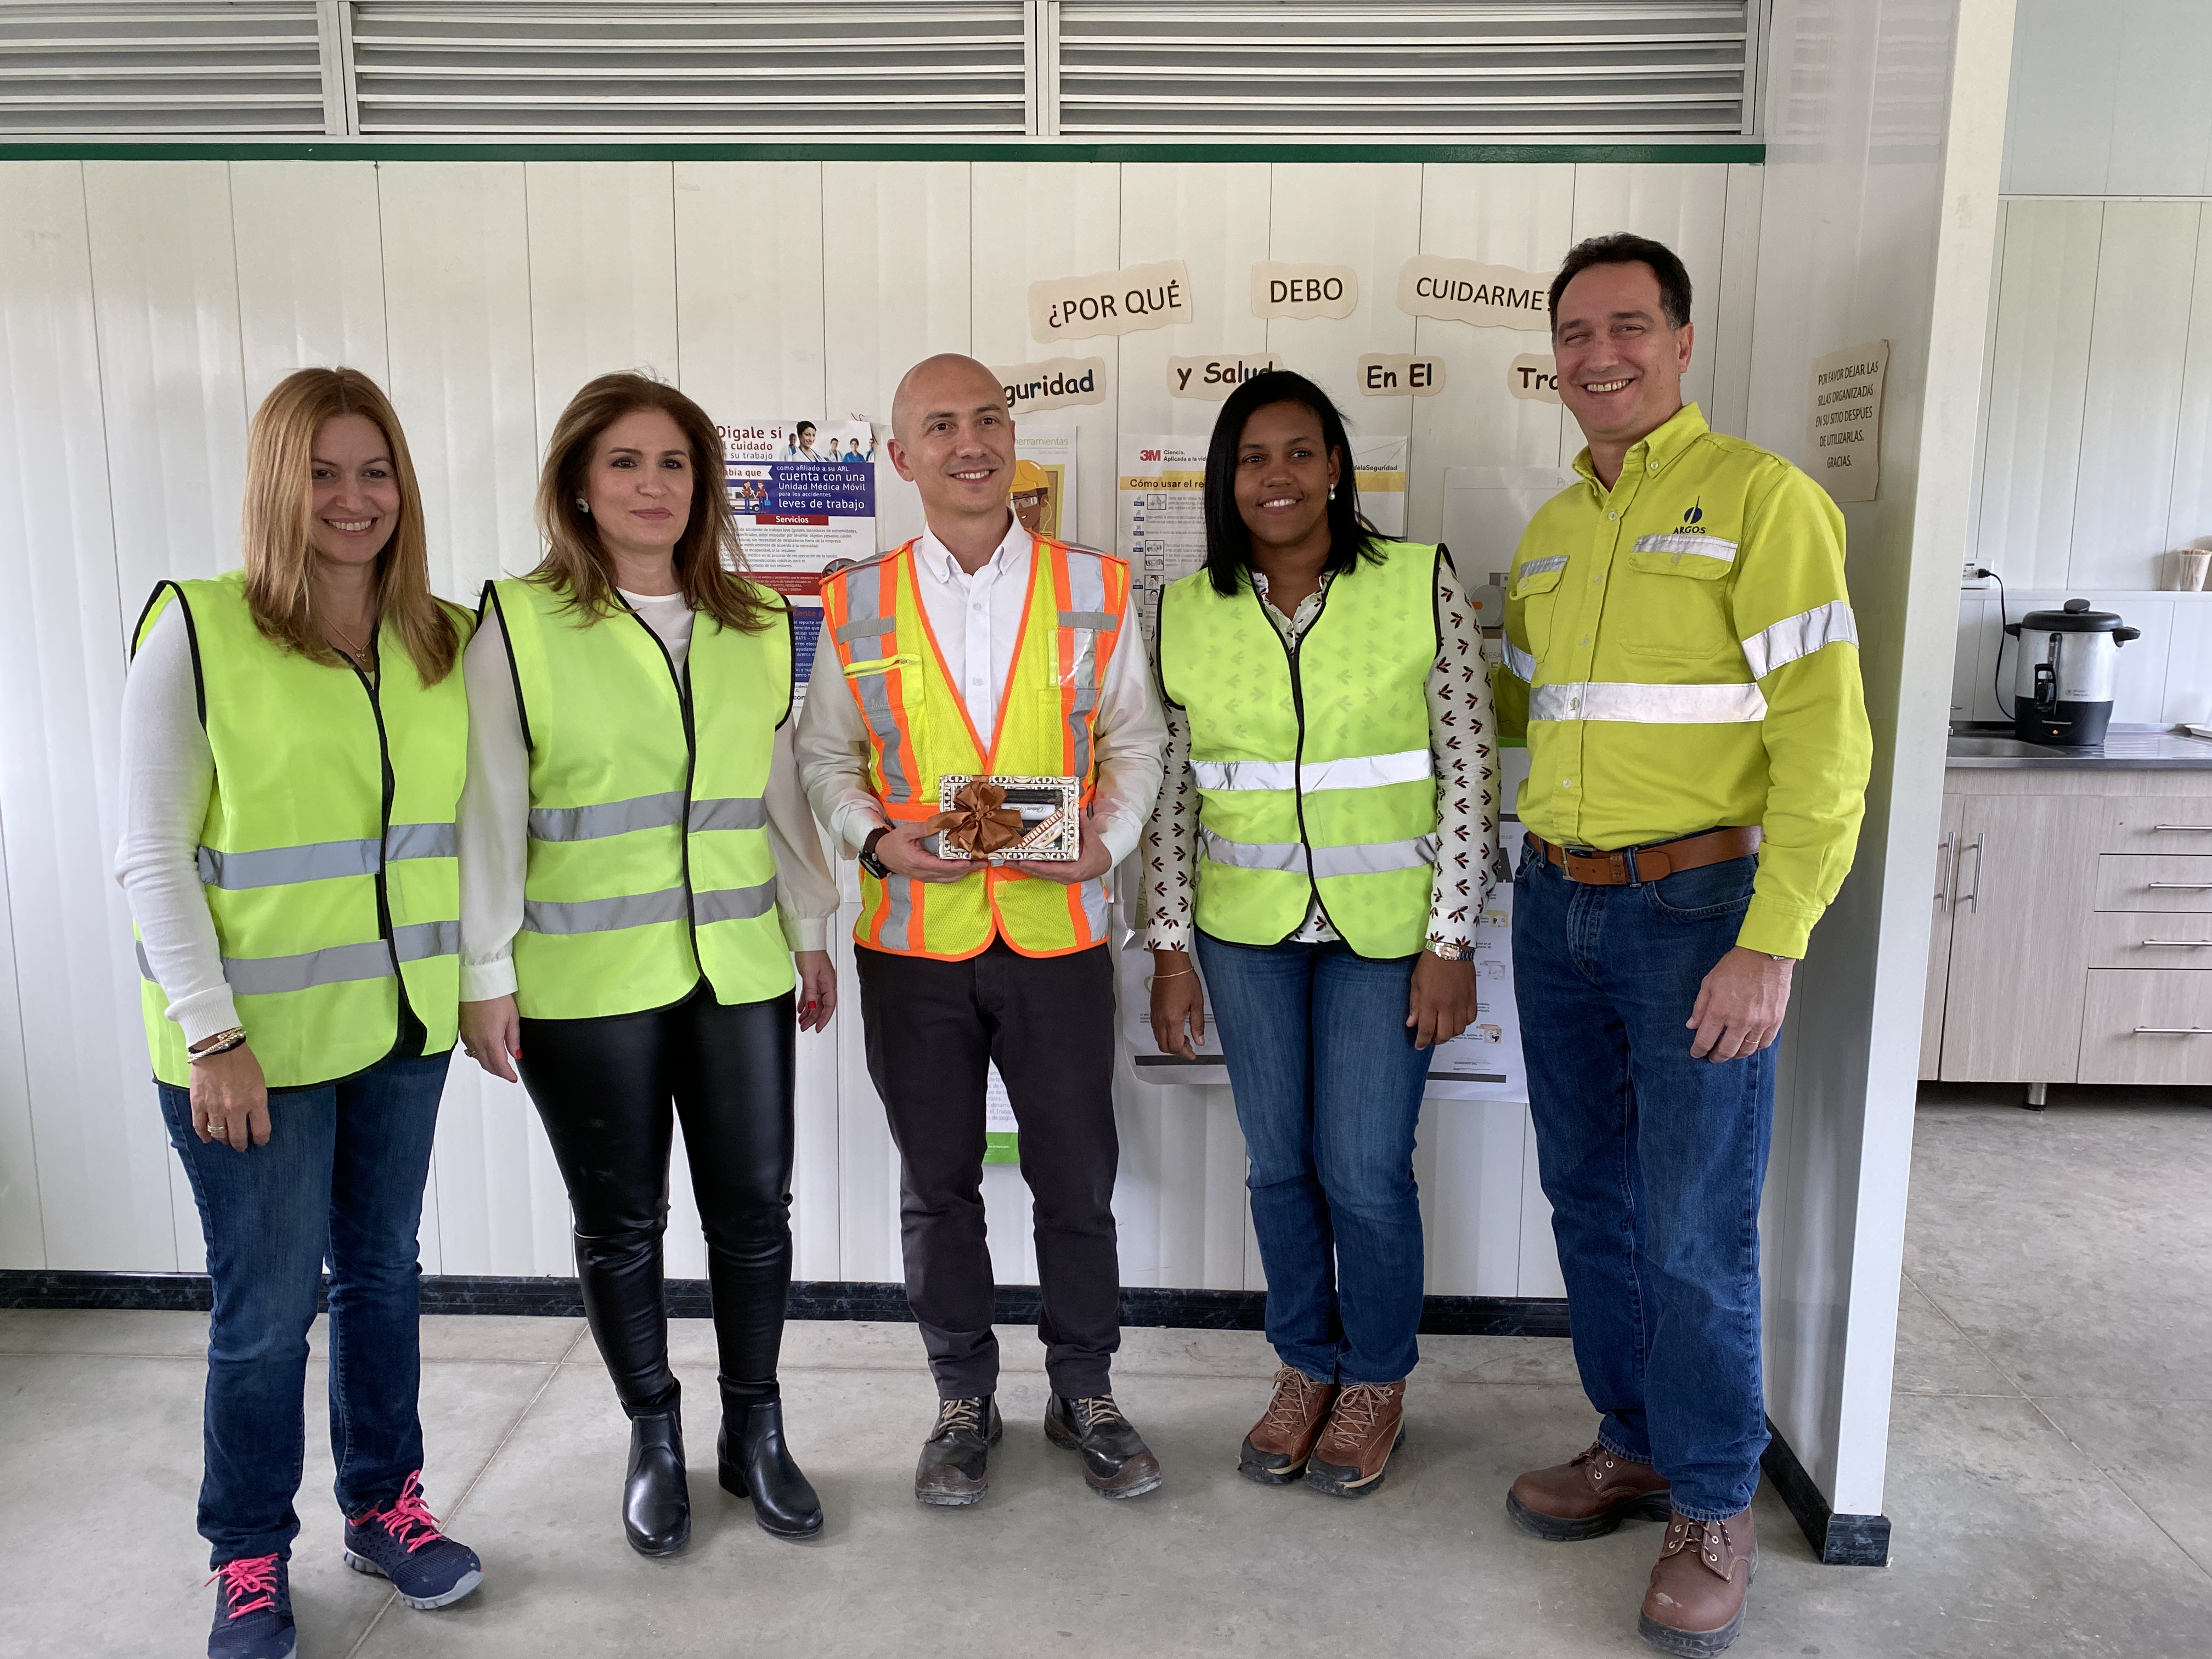 Empresarios dominicanos visitaron las instalaciones de Argos y Greco en Colombia